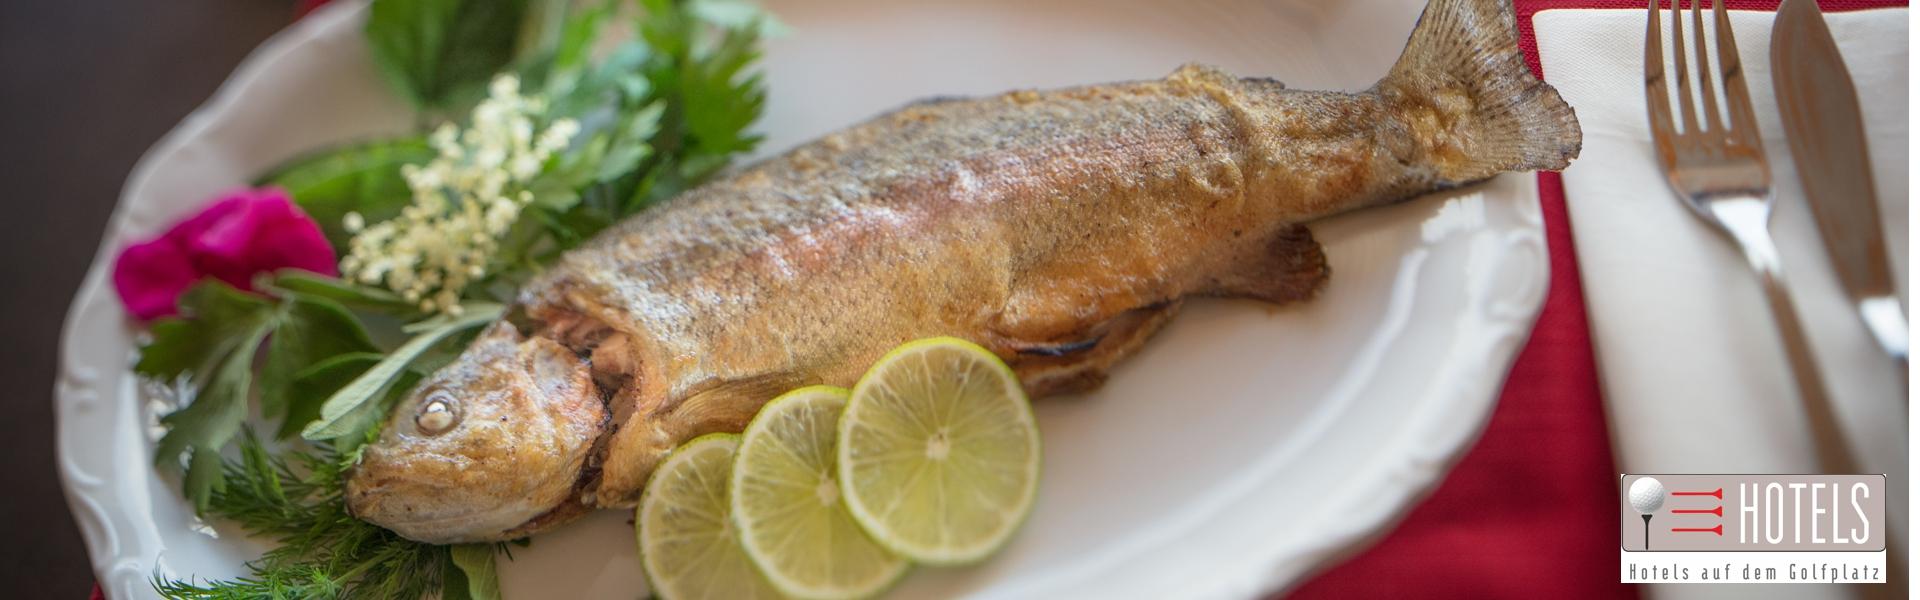 Forelle auf Teller in Leo´s Restaurant 1920x600_72